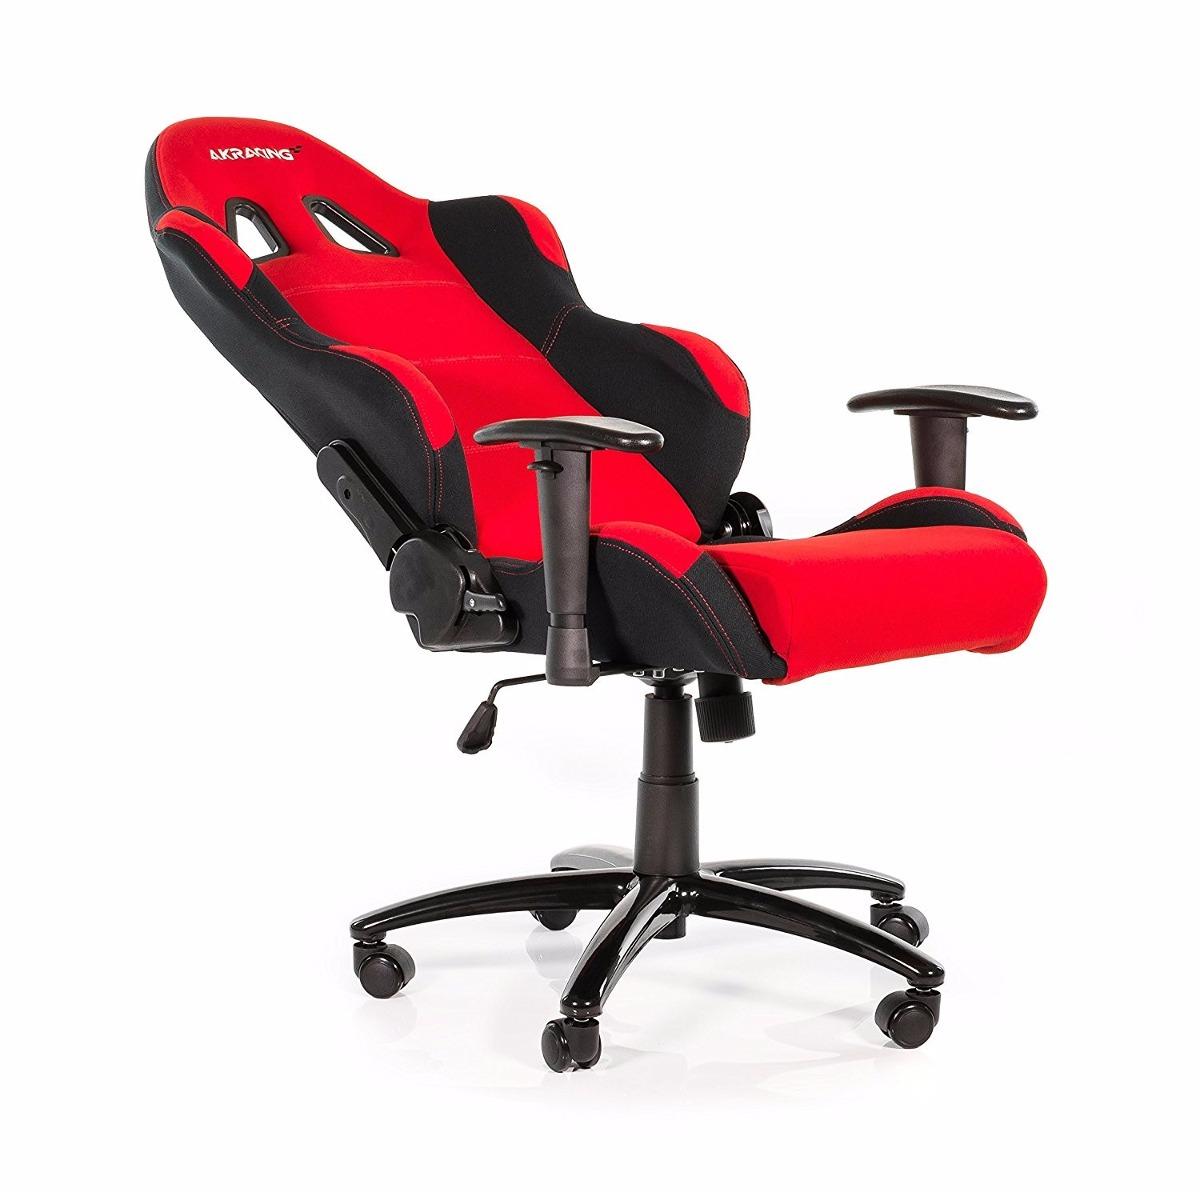 Silla giratoria oficina gamer akracing ak 7018 roja for Sillas de oficina usadas